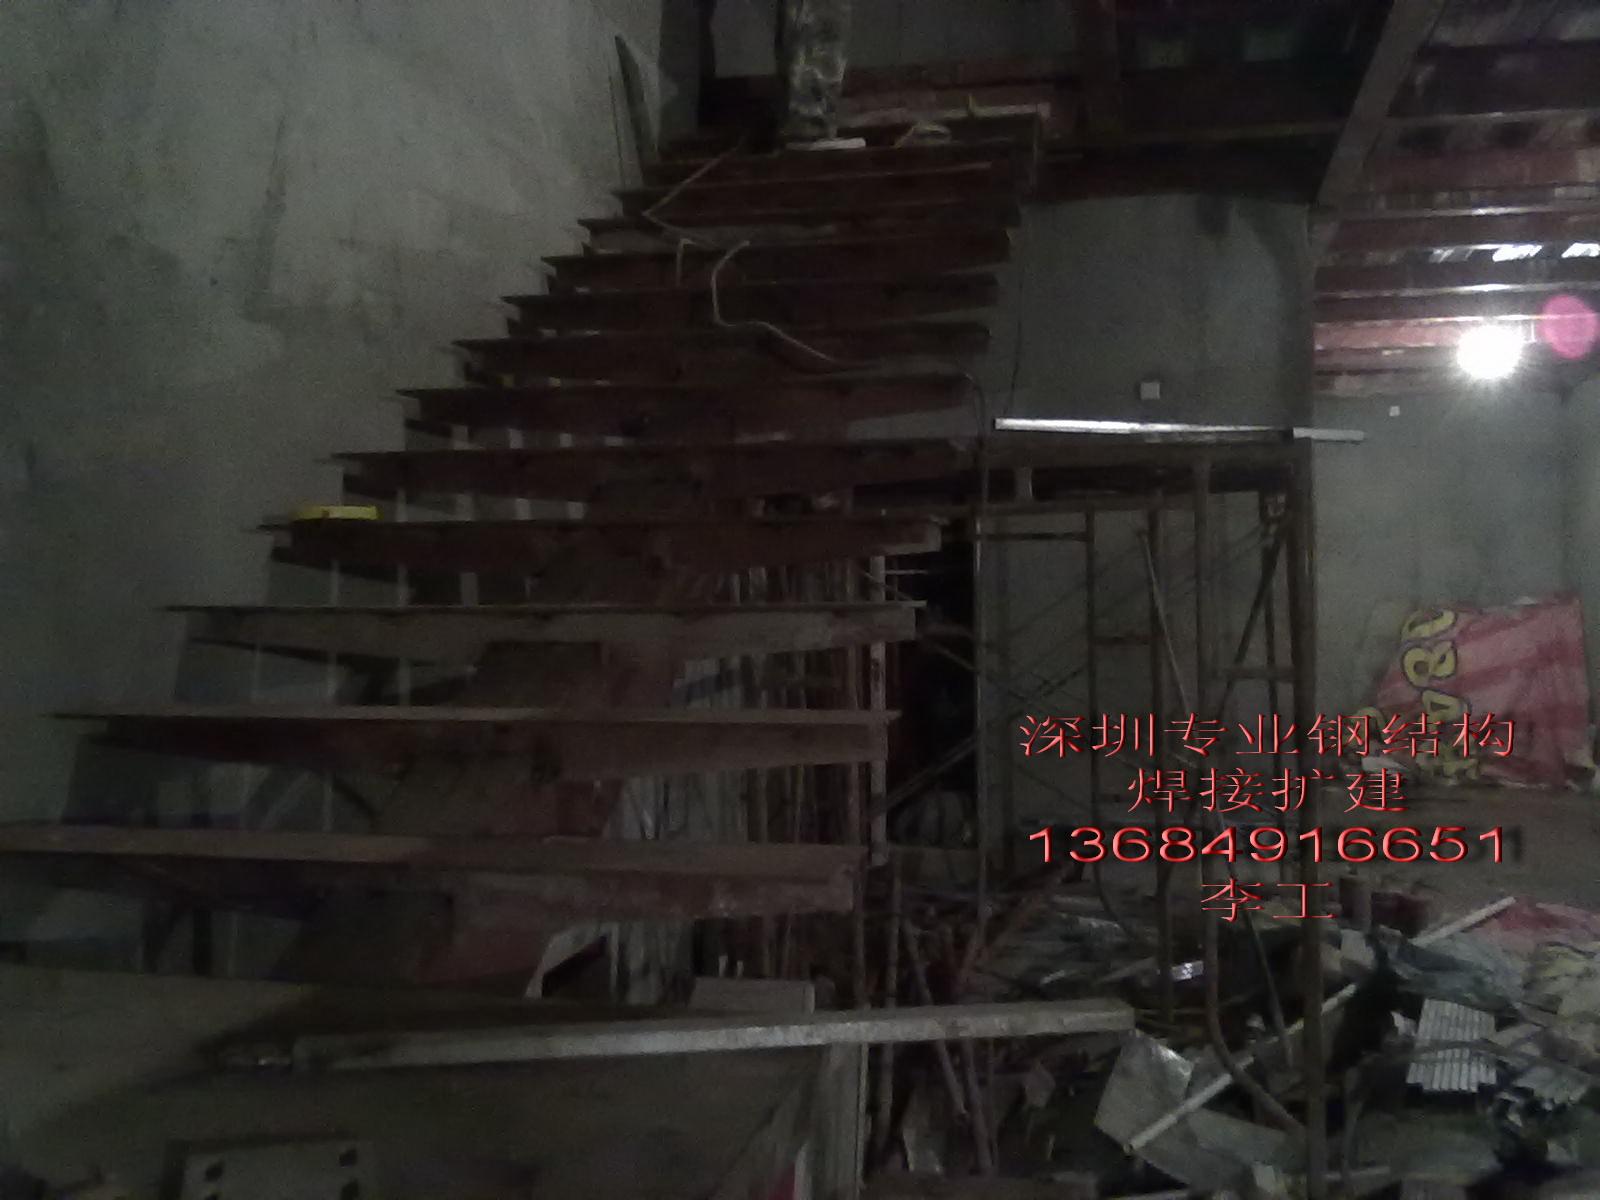 刚刚完工上传钢结构阁楼焊接施工照片